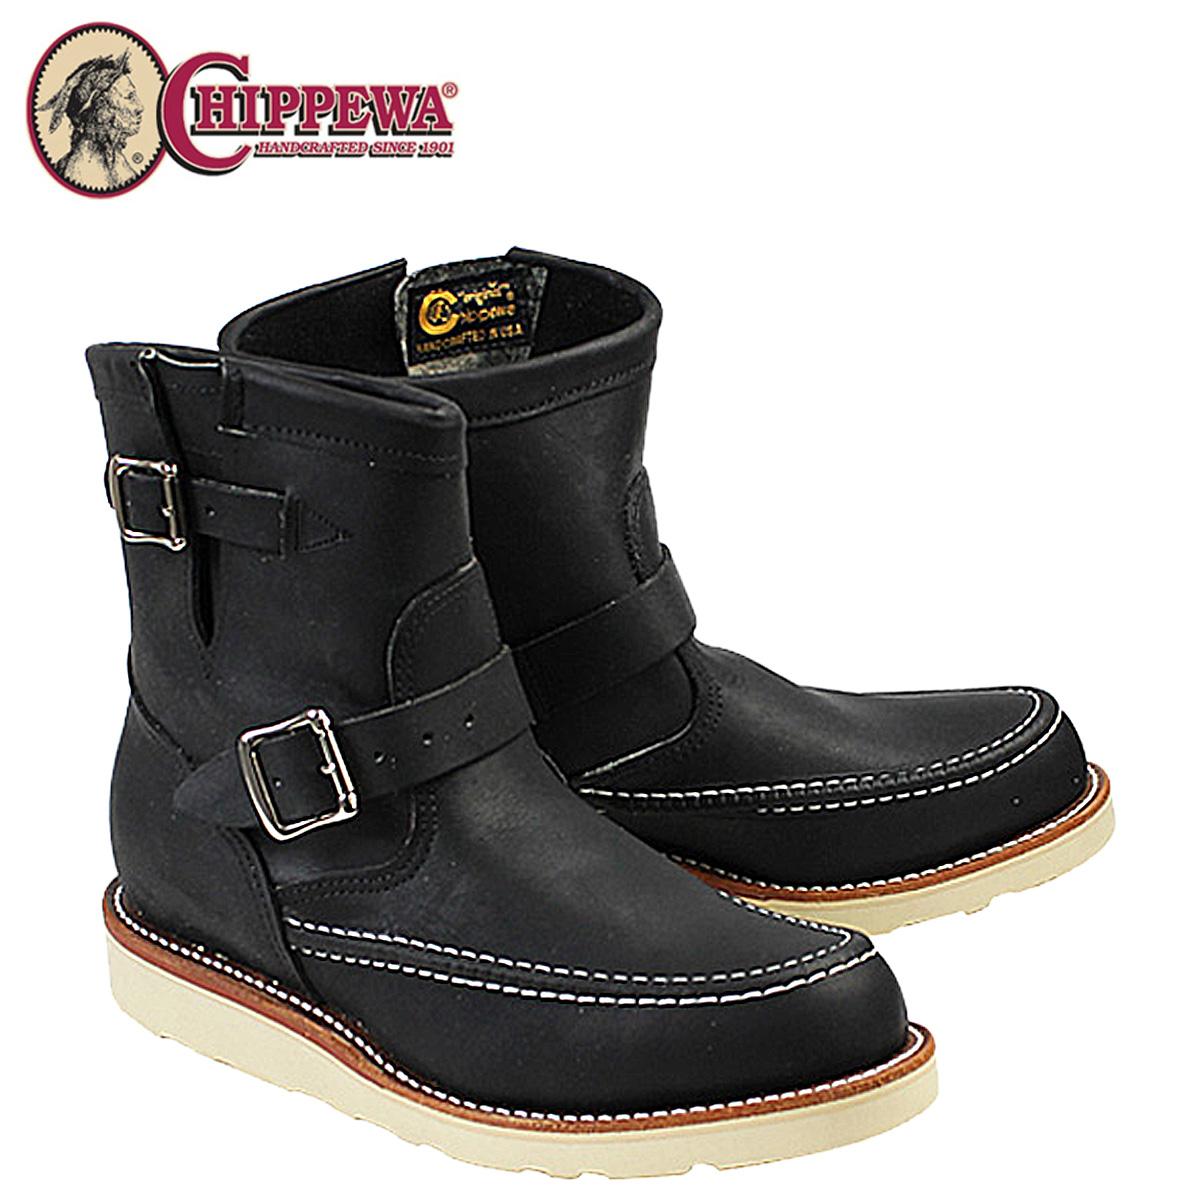 CHIPPEWA チペワ 7INCH HIGHLANDER ブーツ 7インチ ハイランダー エンジニア ブーツ 1901M07 Eワイズ ブラック メンズ